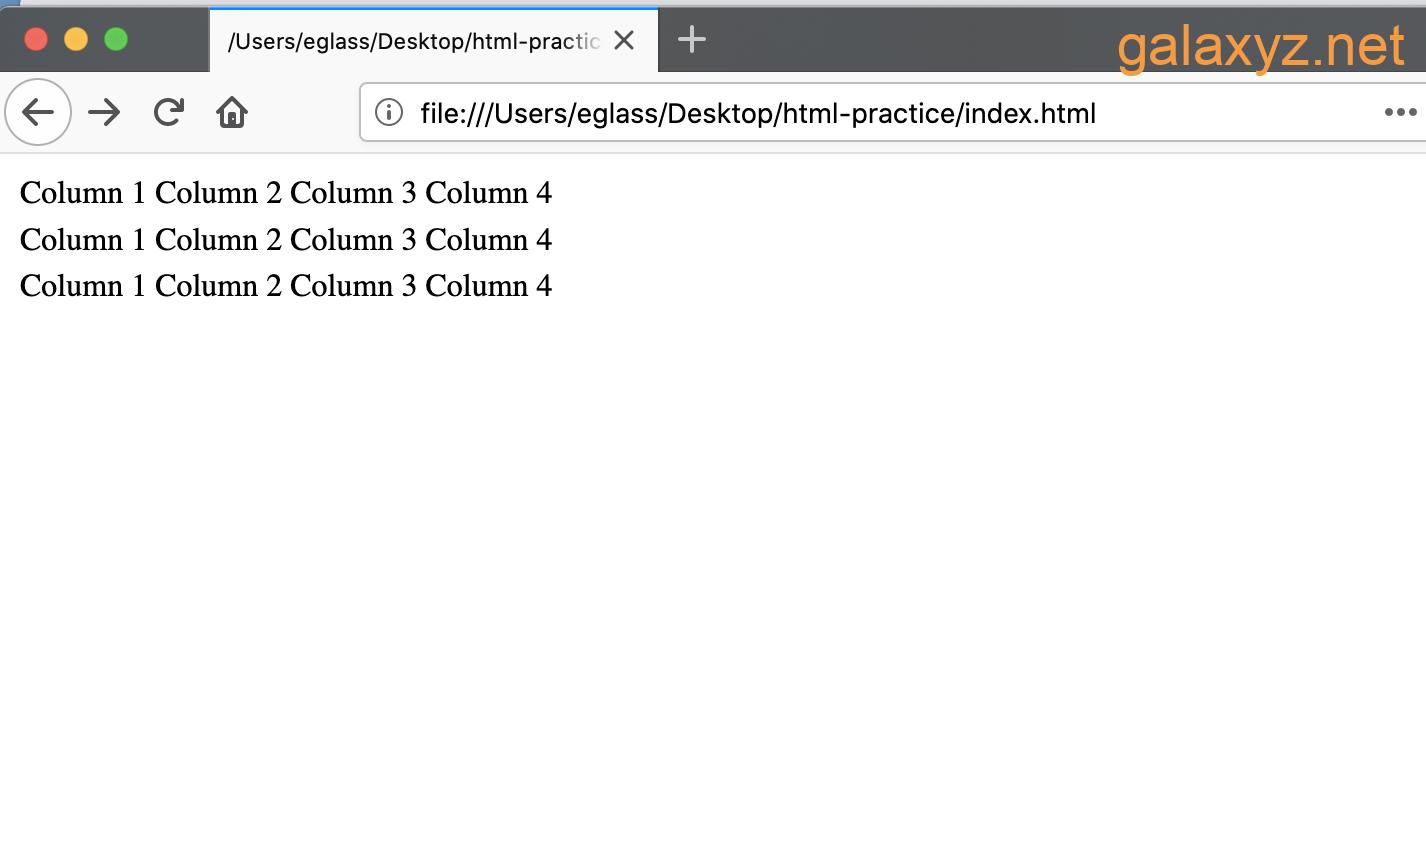 Bảng hiển thị trang web có ba hàng và bốn cột